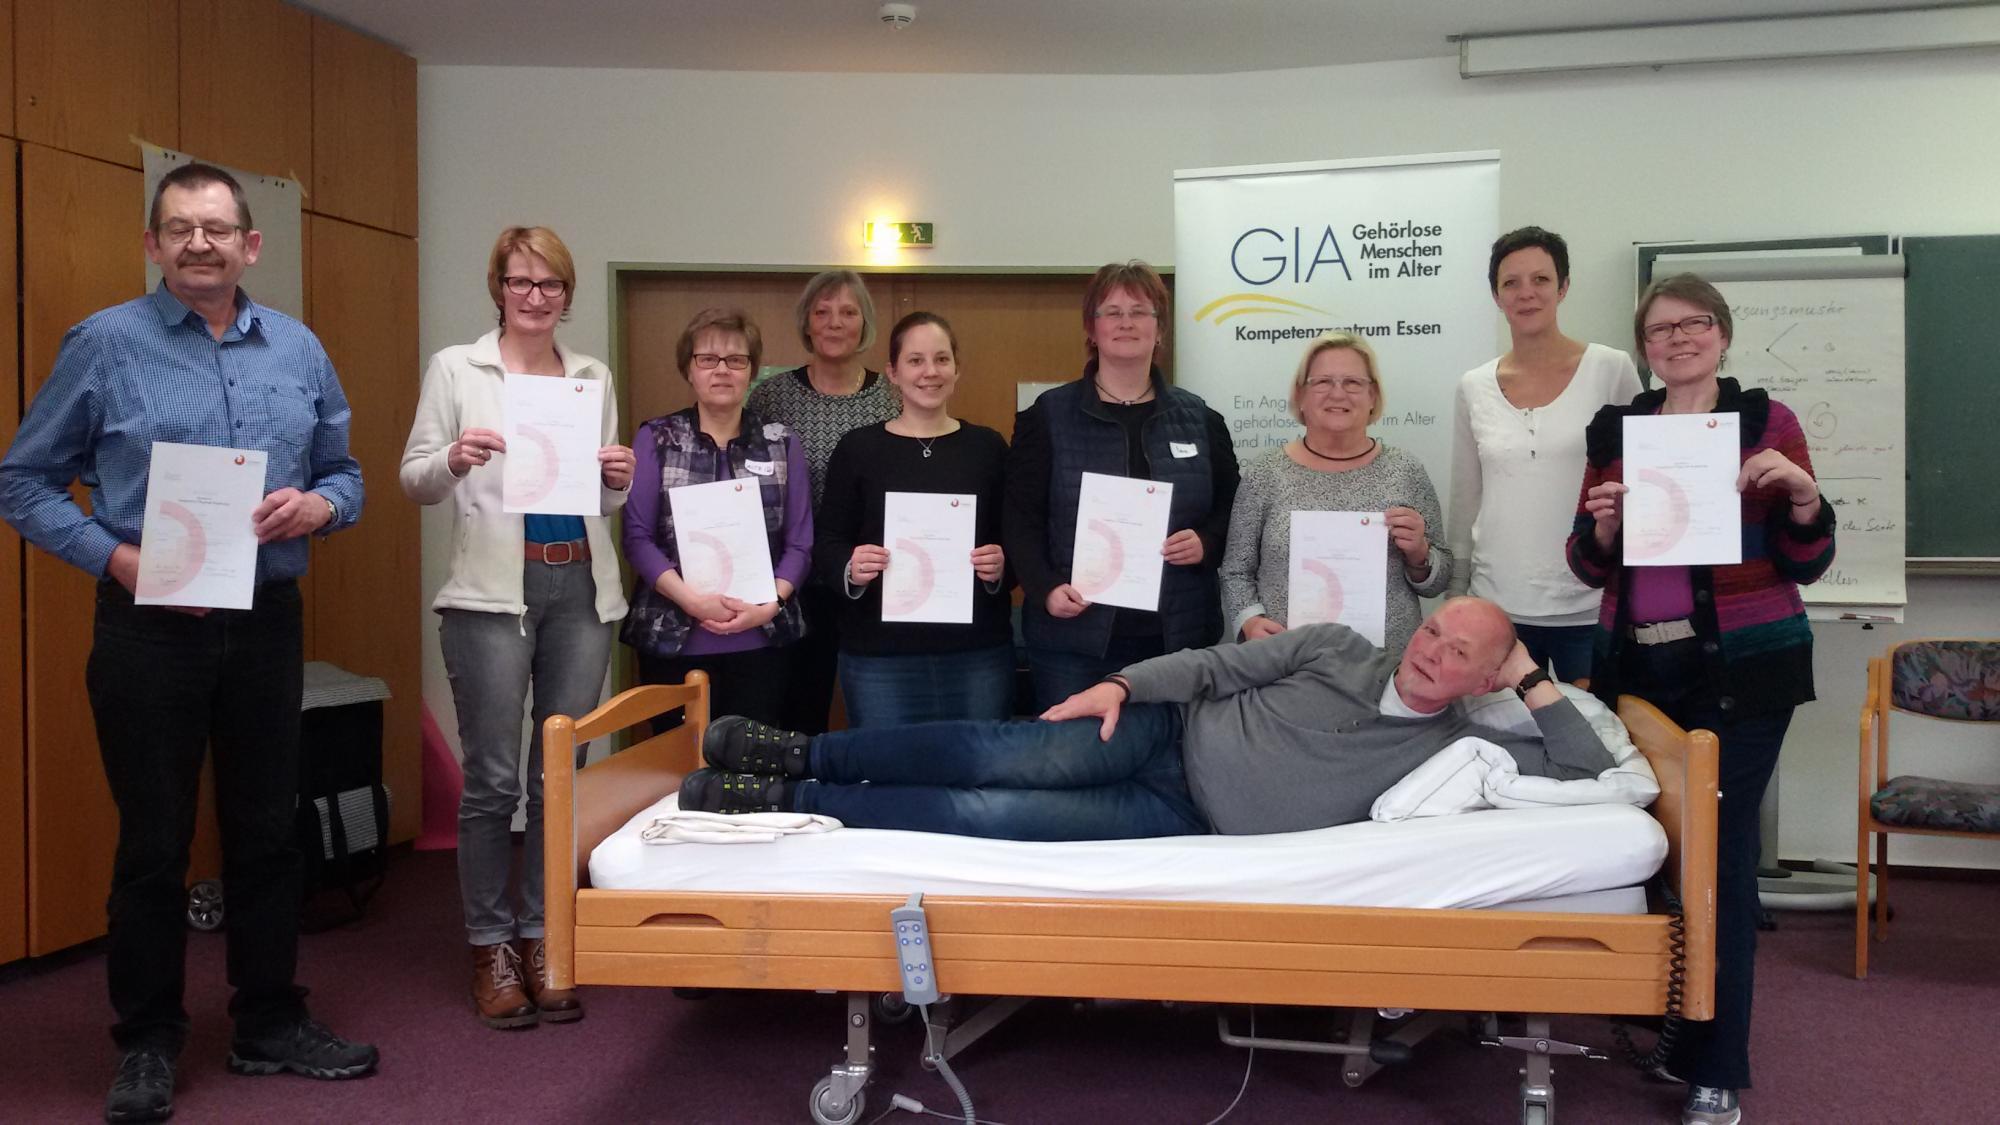 Gute Laune am letzten Tag - alle Teilnehmer erhalten ein Zertifikat!